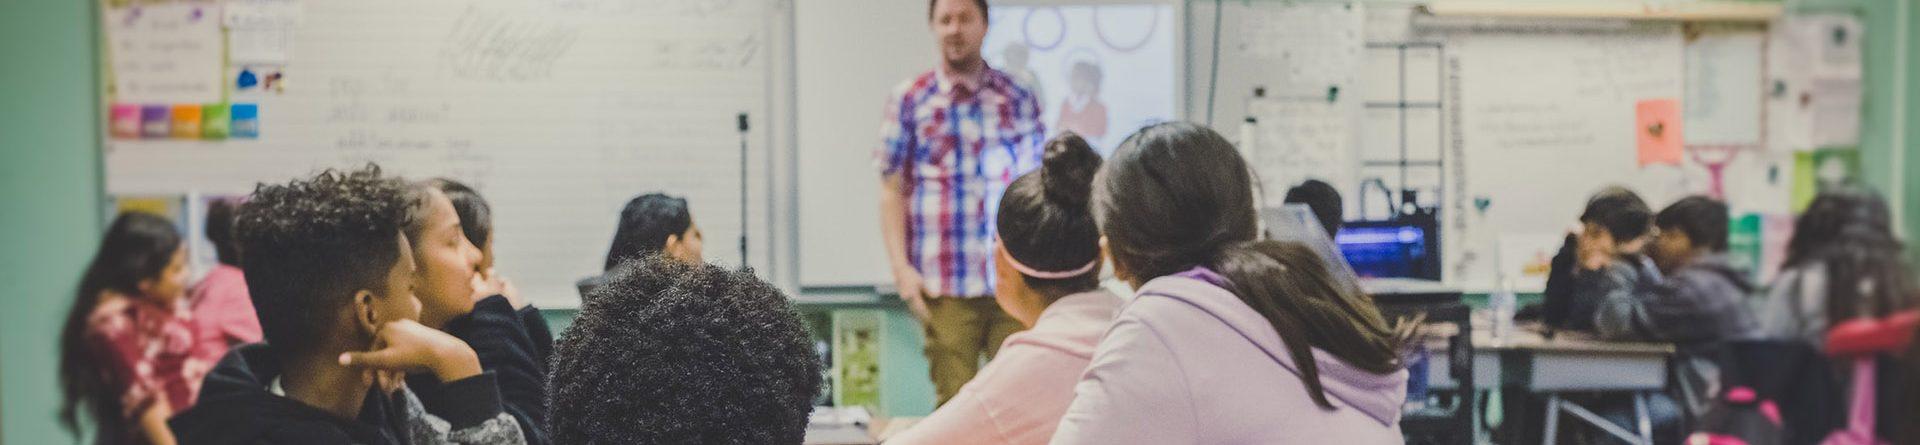 Обучение и иммиграция в Новую Зеландию для учителей